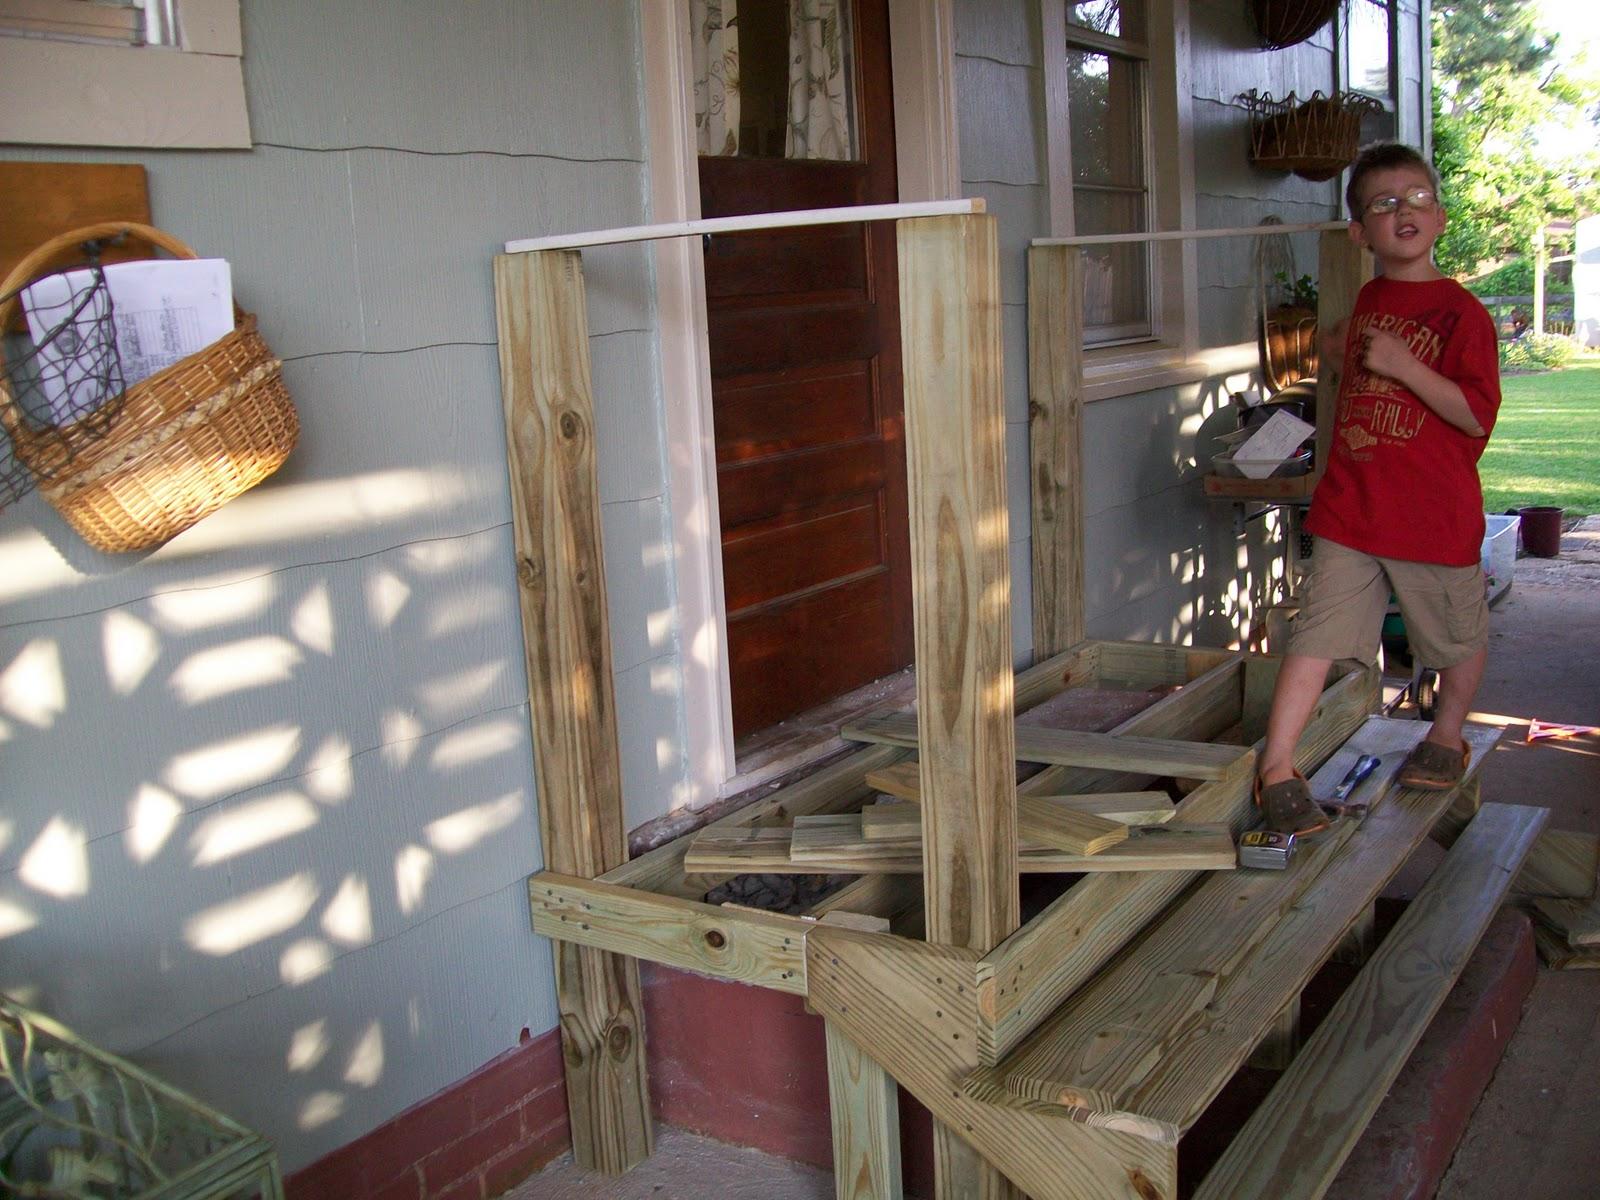 Build Wood Steps Over Concrete Steps Pdf Woodworking | Wood Stairs Over Concrete | Stair Stringers | Cement | Concrete Slab | Patio | Build